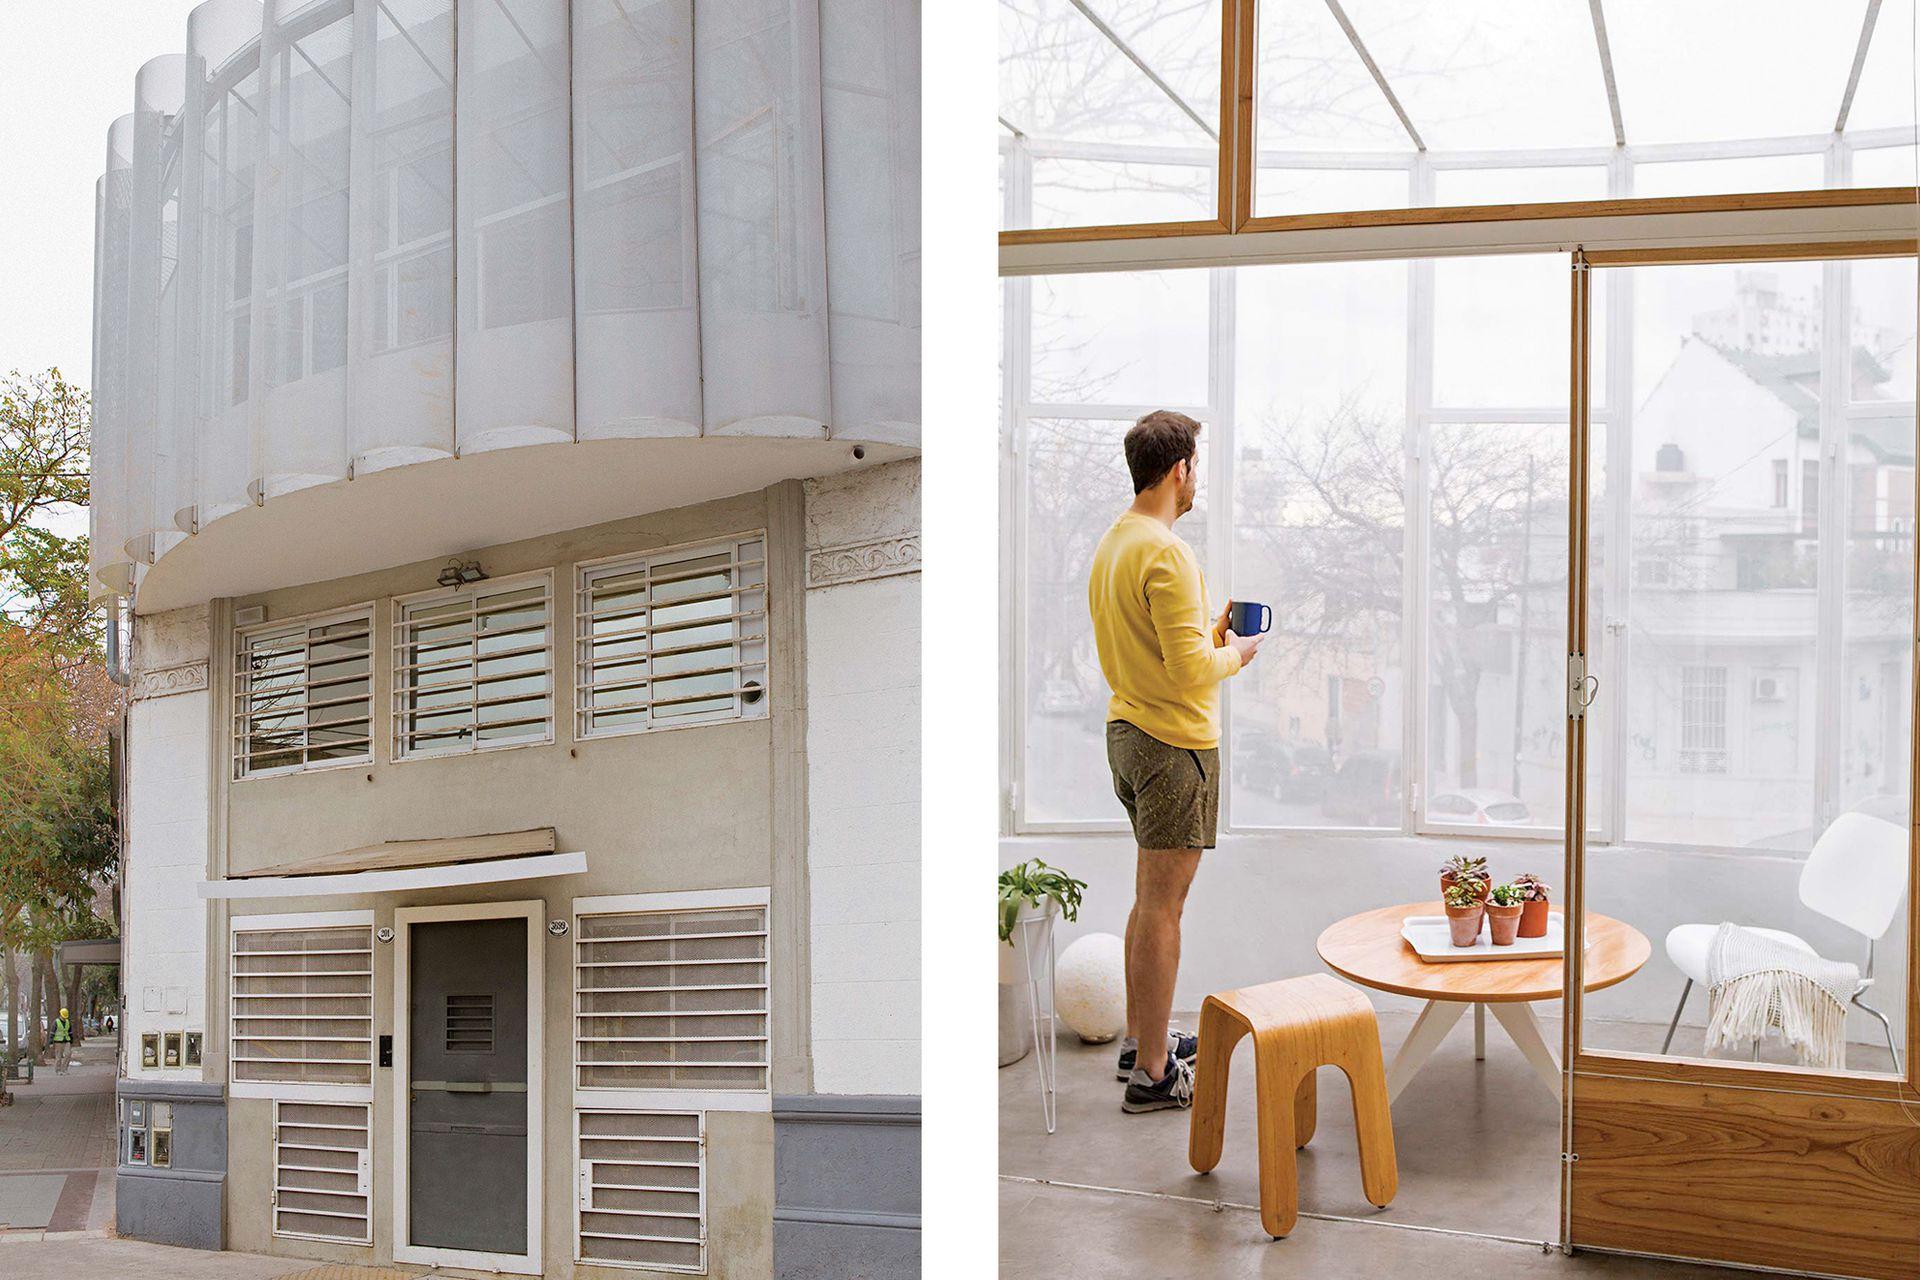 """""""Me pierdo mirando las escenas cotidianas transcurrir por la ventana. A veces veo cómo un señor mayor lava el auto en la vereda mientras escucha 'Naranjo en flor'""""."""